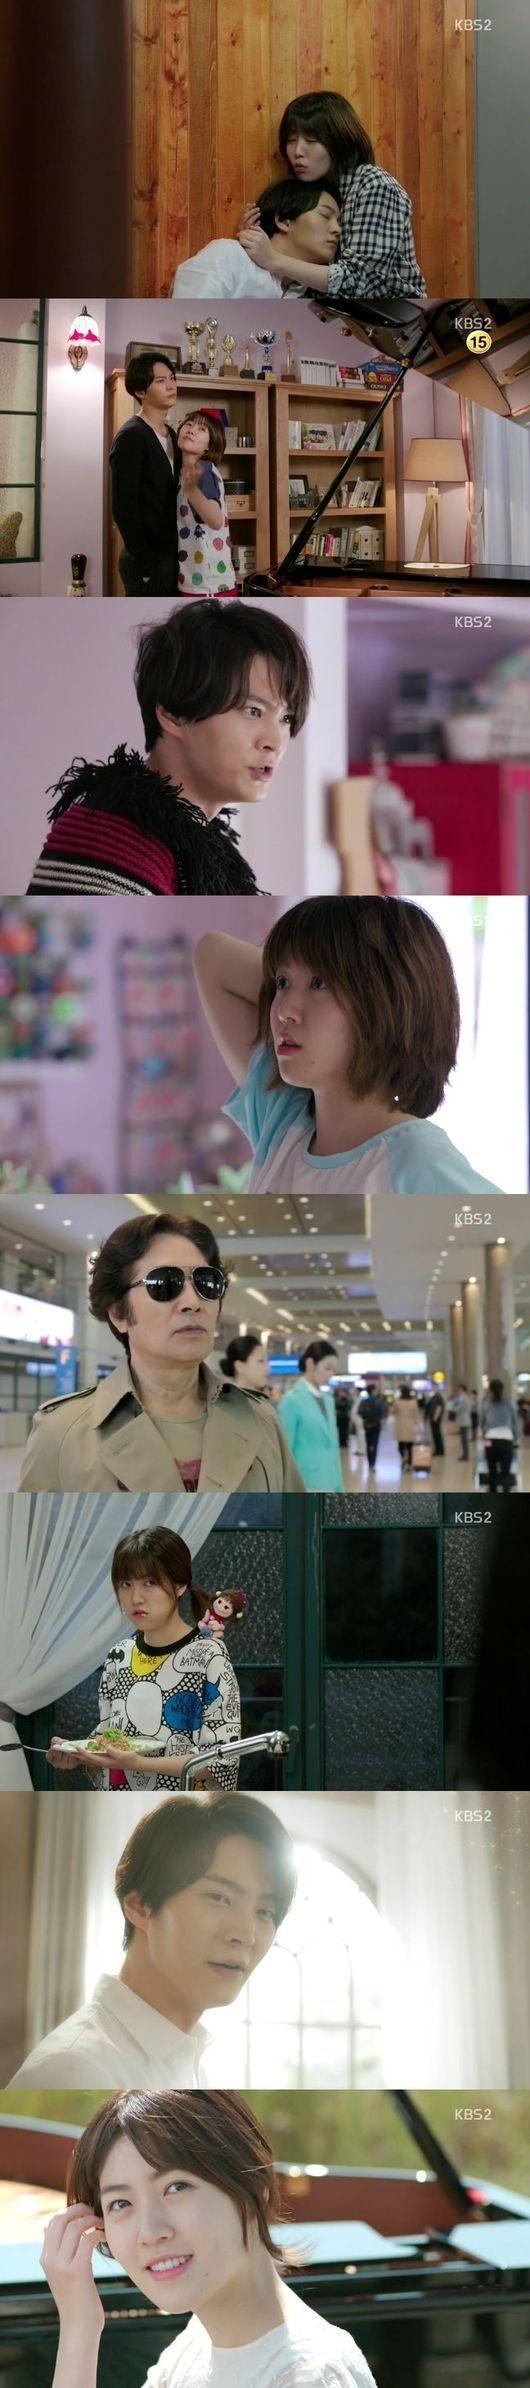 韓国版「のだめ」放送スタート!原作と現実のギリギリの綱渡り